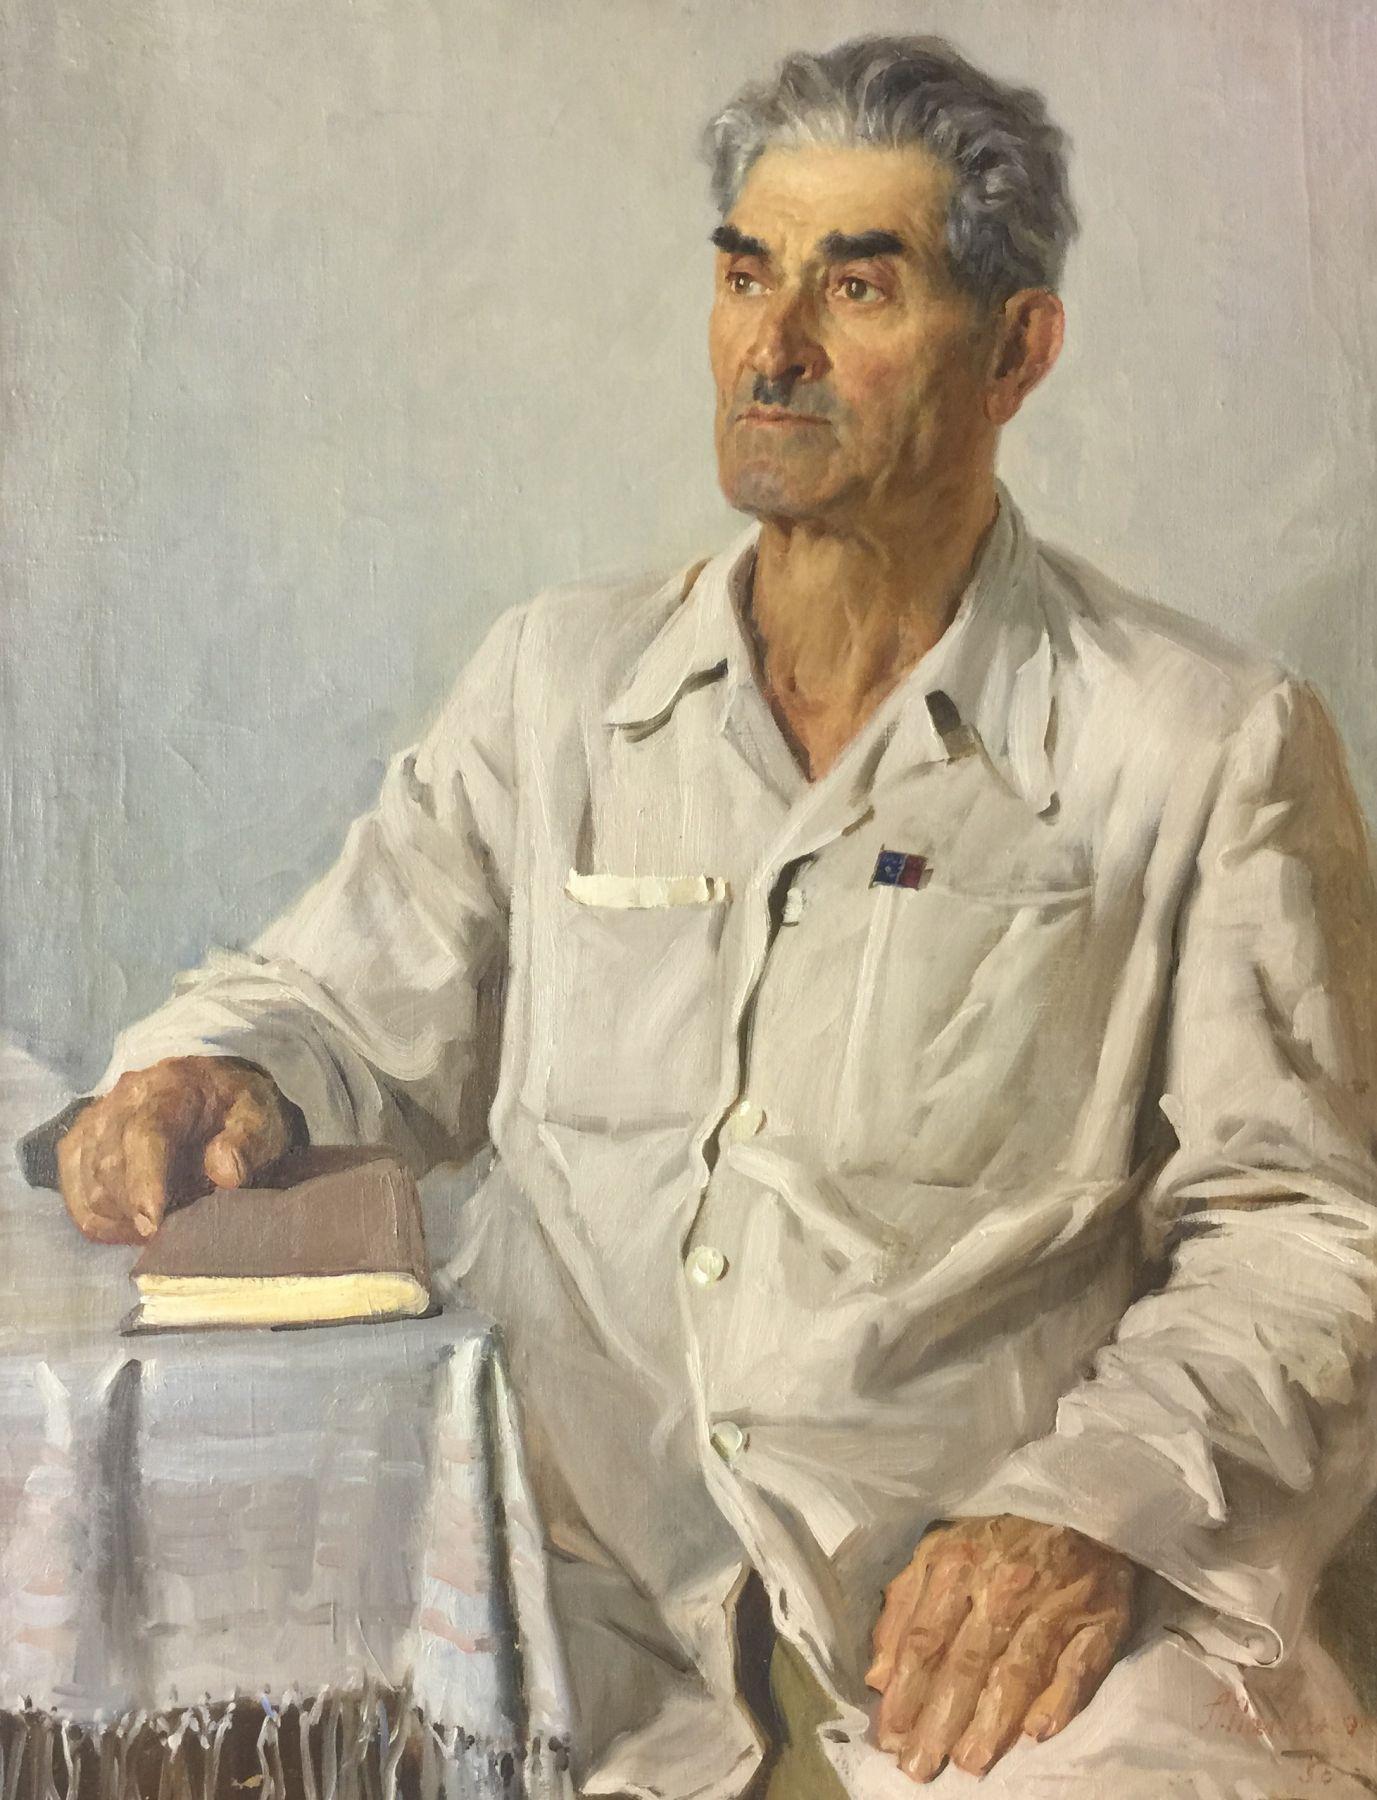 Man portrait.